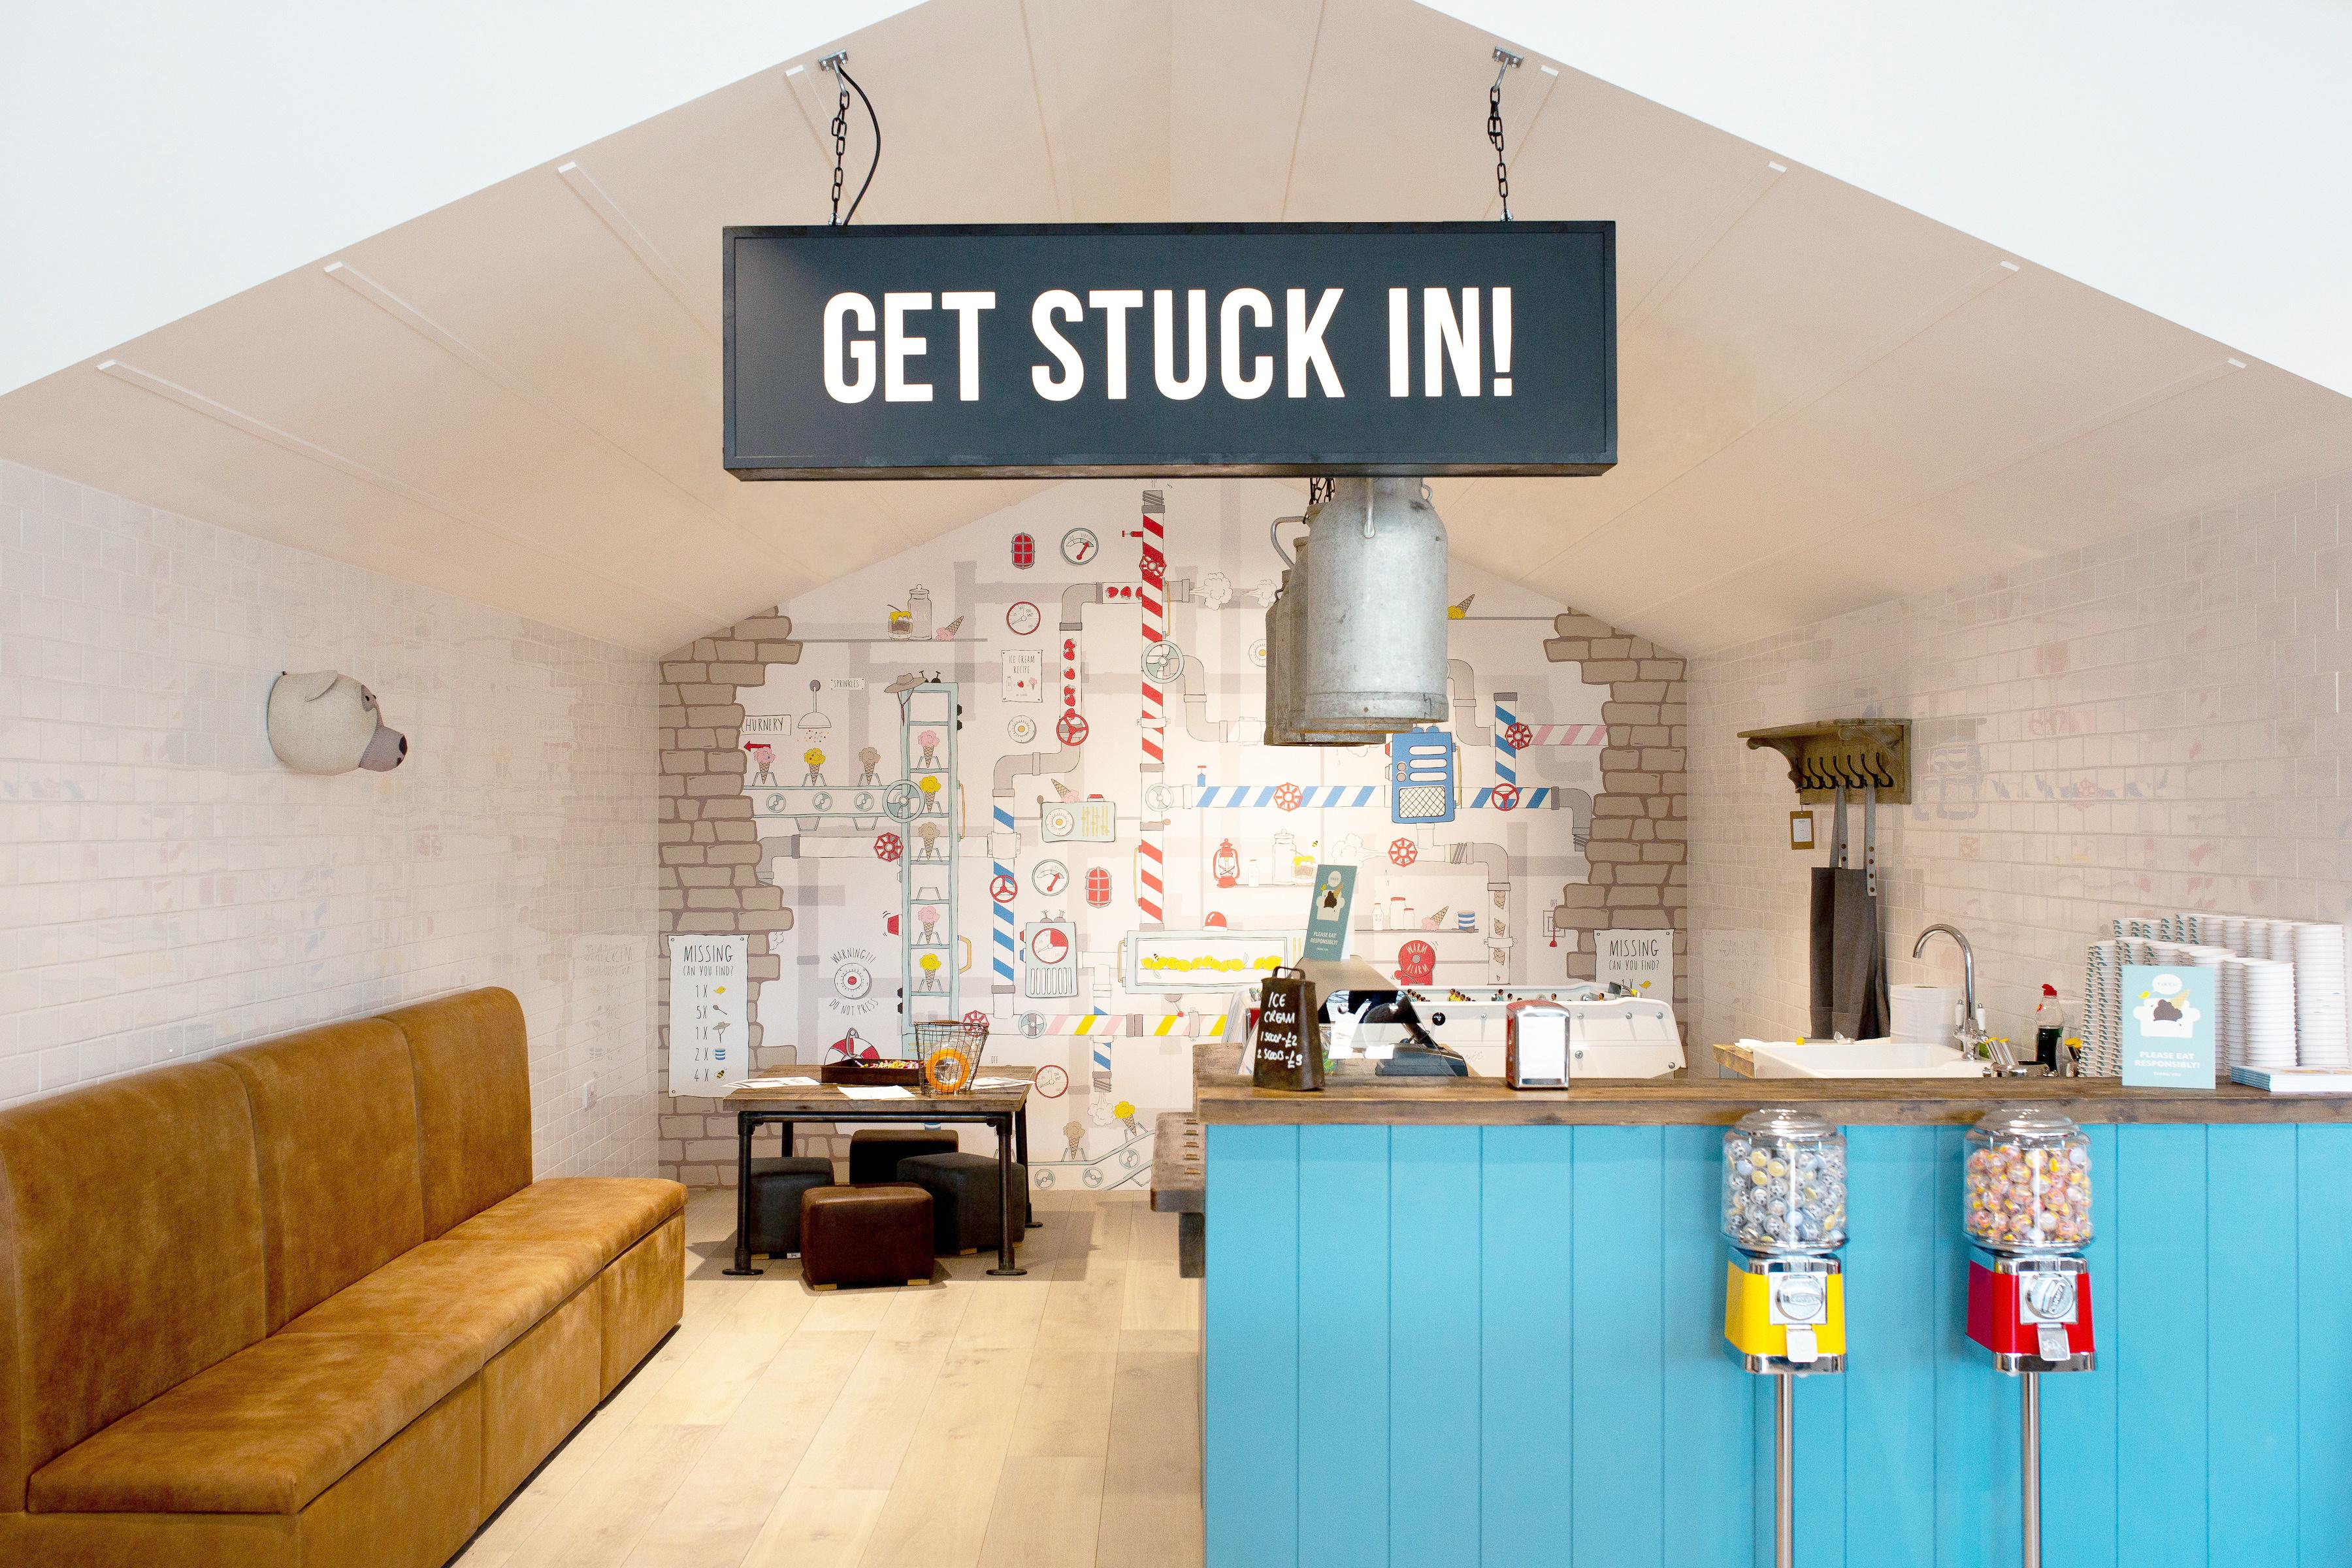 Get stuck in